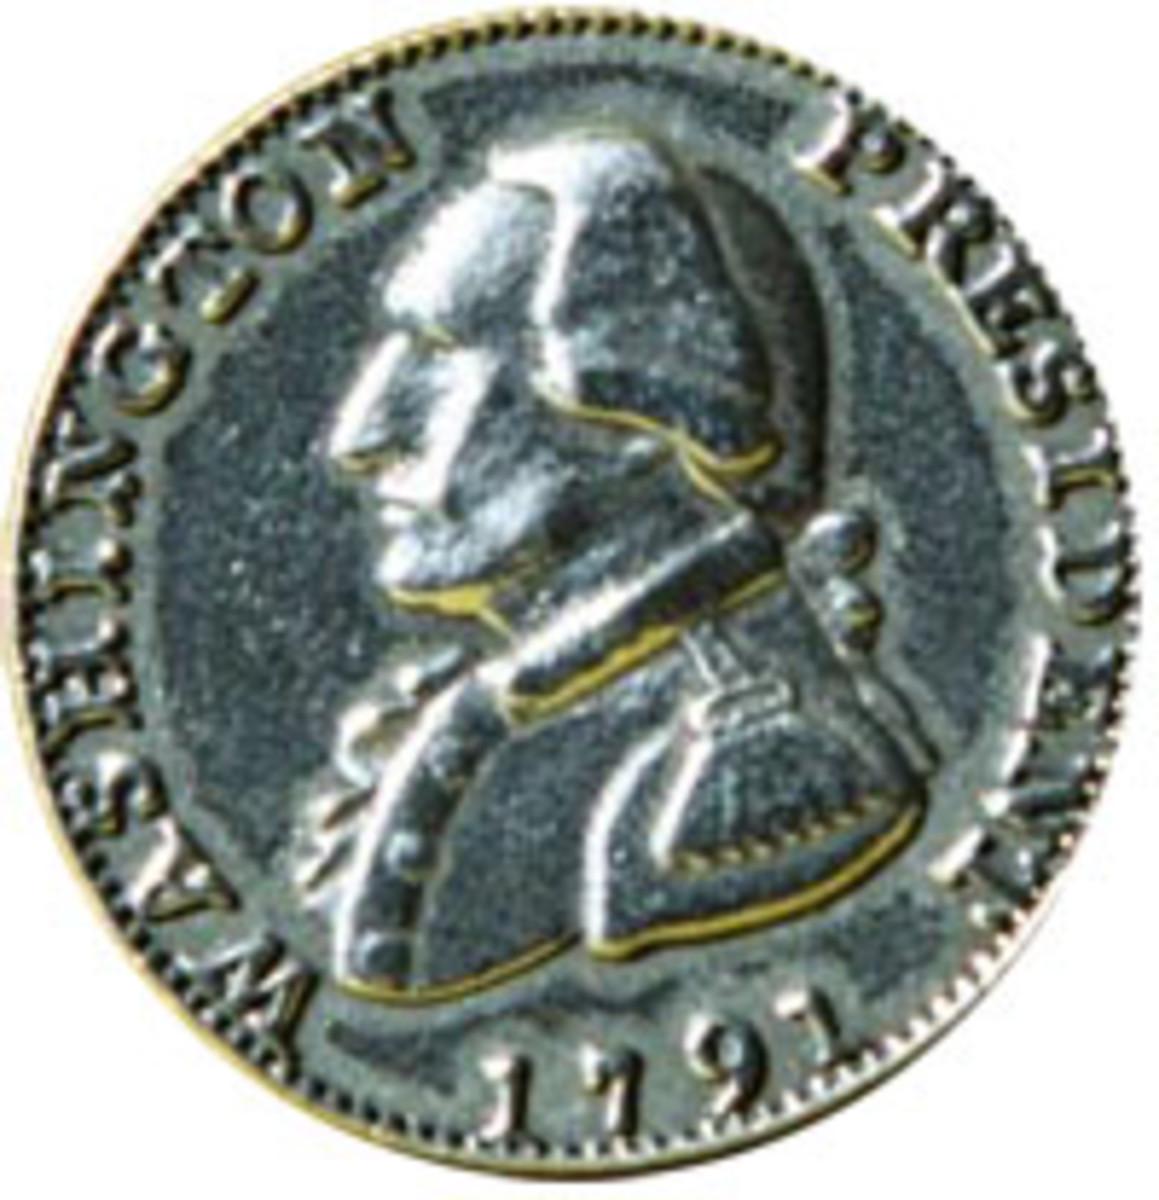 British reproduction 1791 Washington cent.